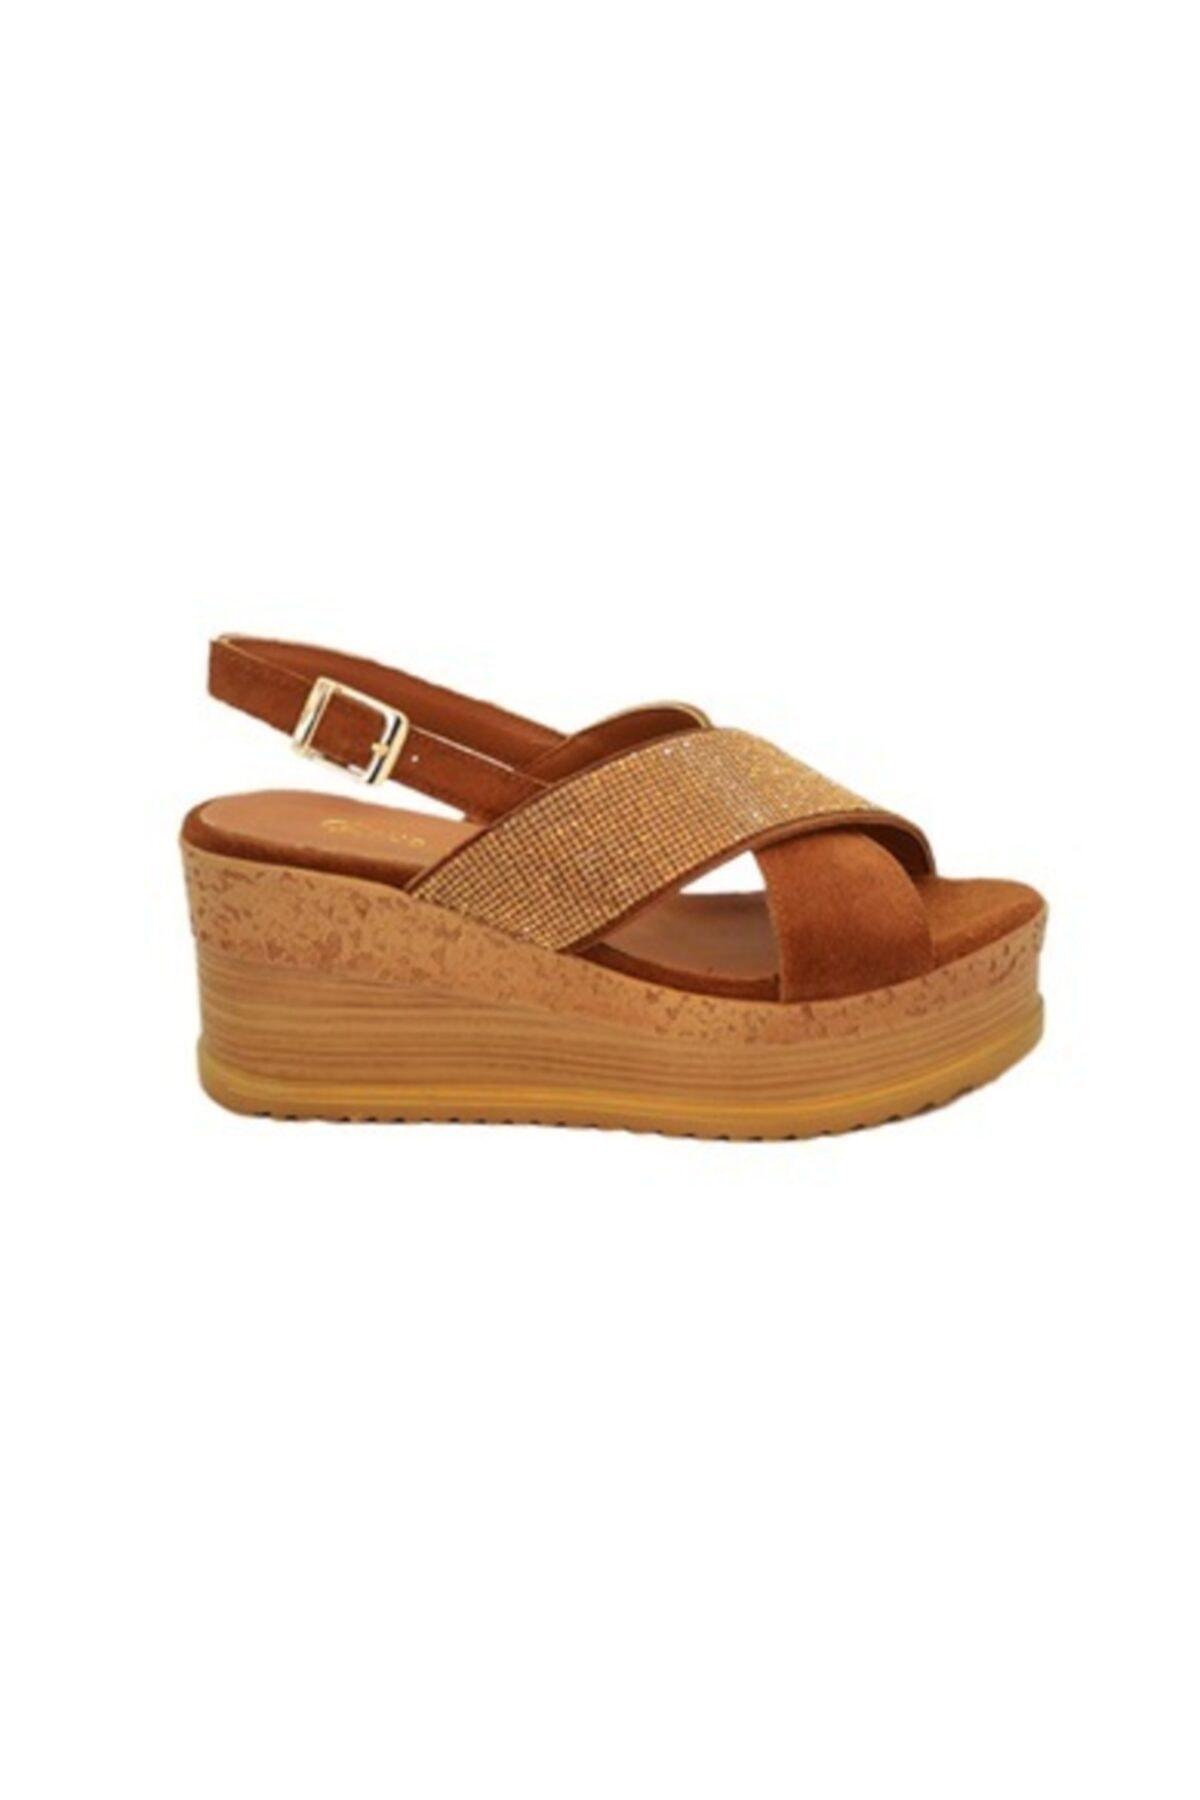 Rugano Hakiki Deri Taba Dolgu Taban Kadın Sandalet 1